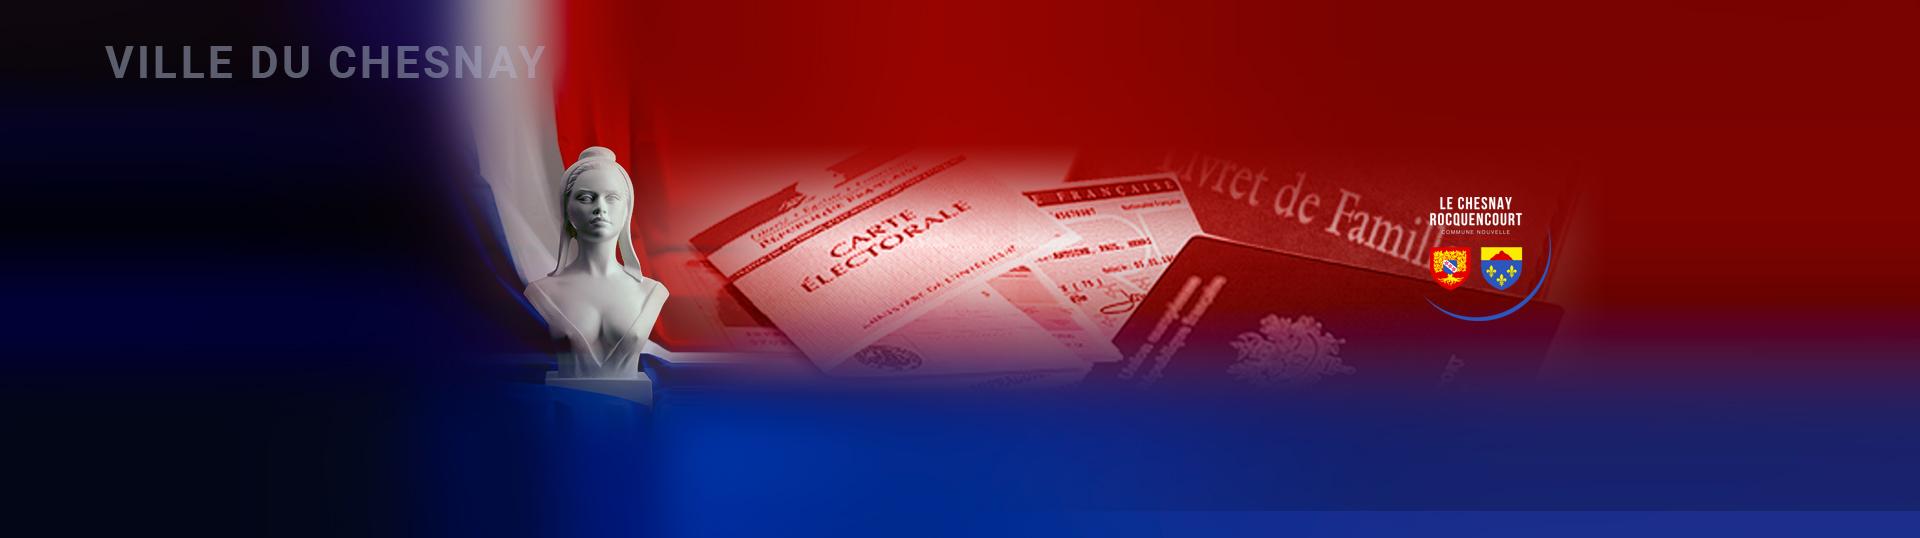 Etat civil   CNI   Passeport   Elections   Affaires générales